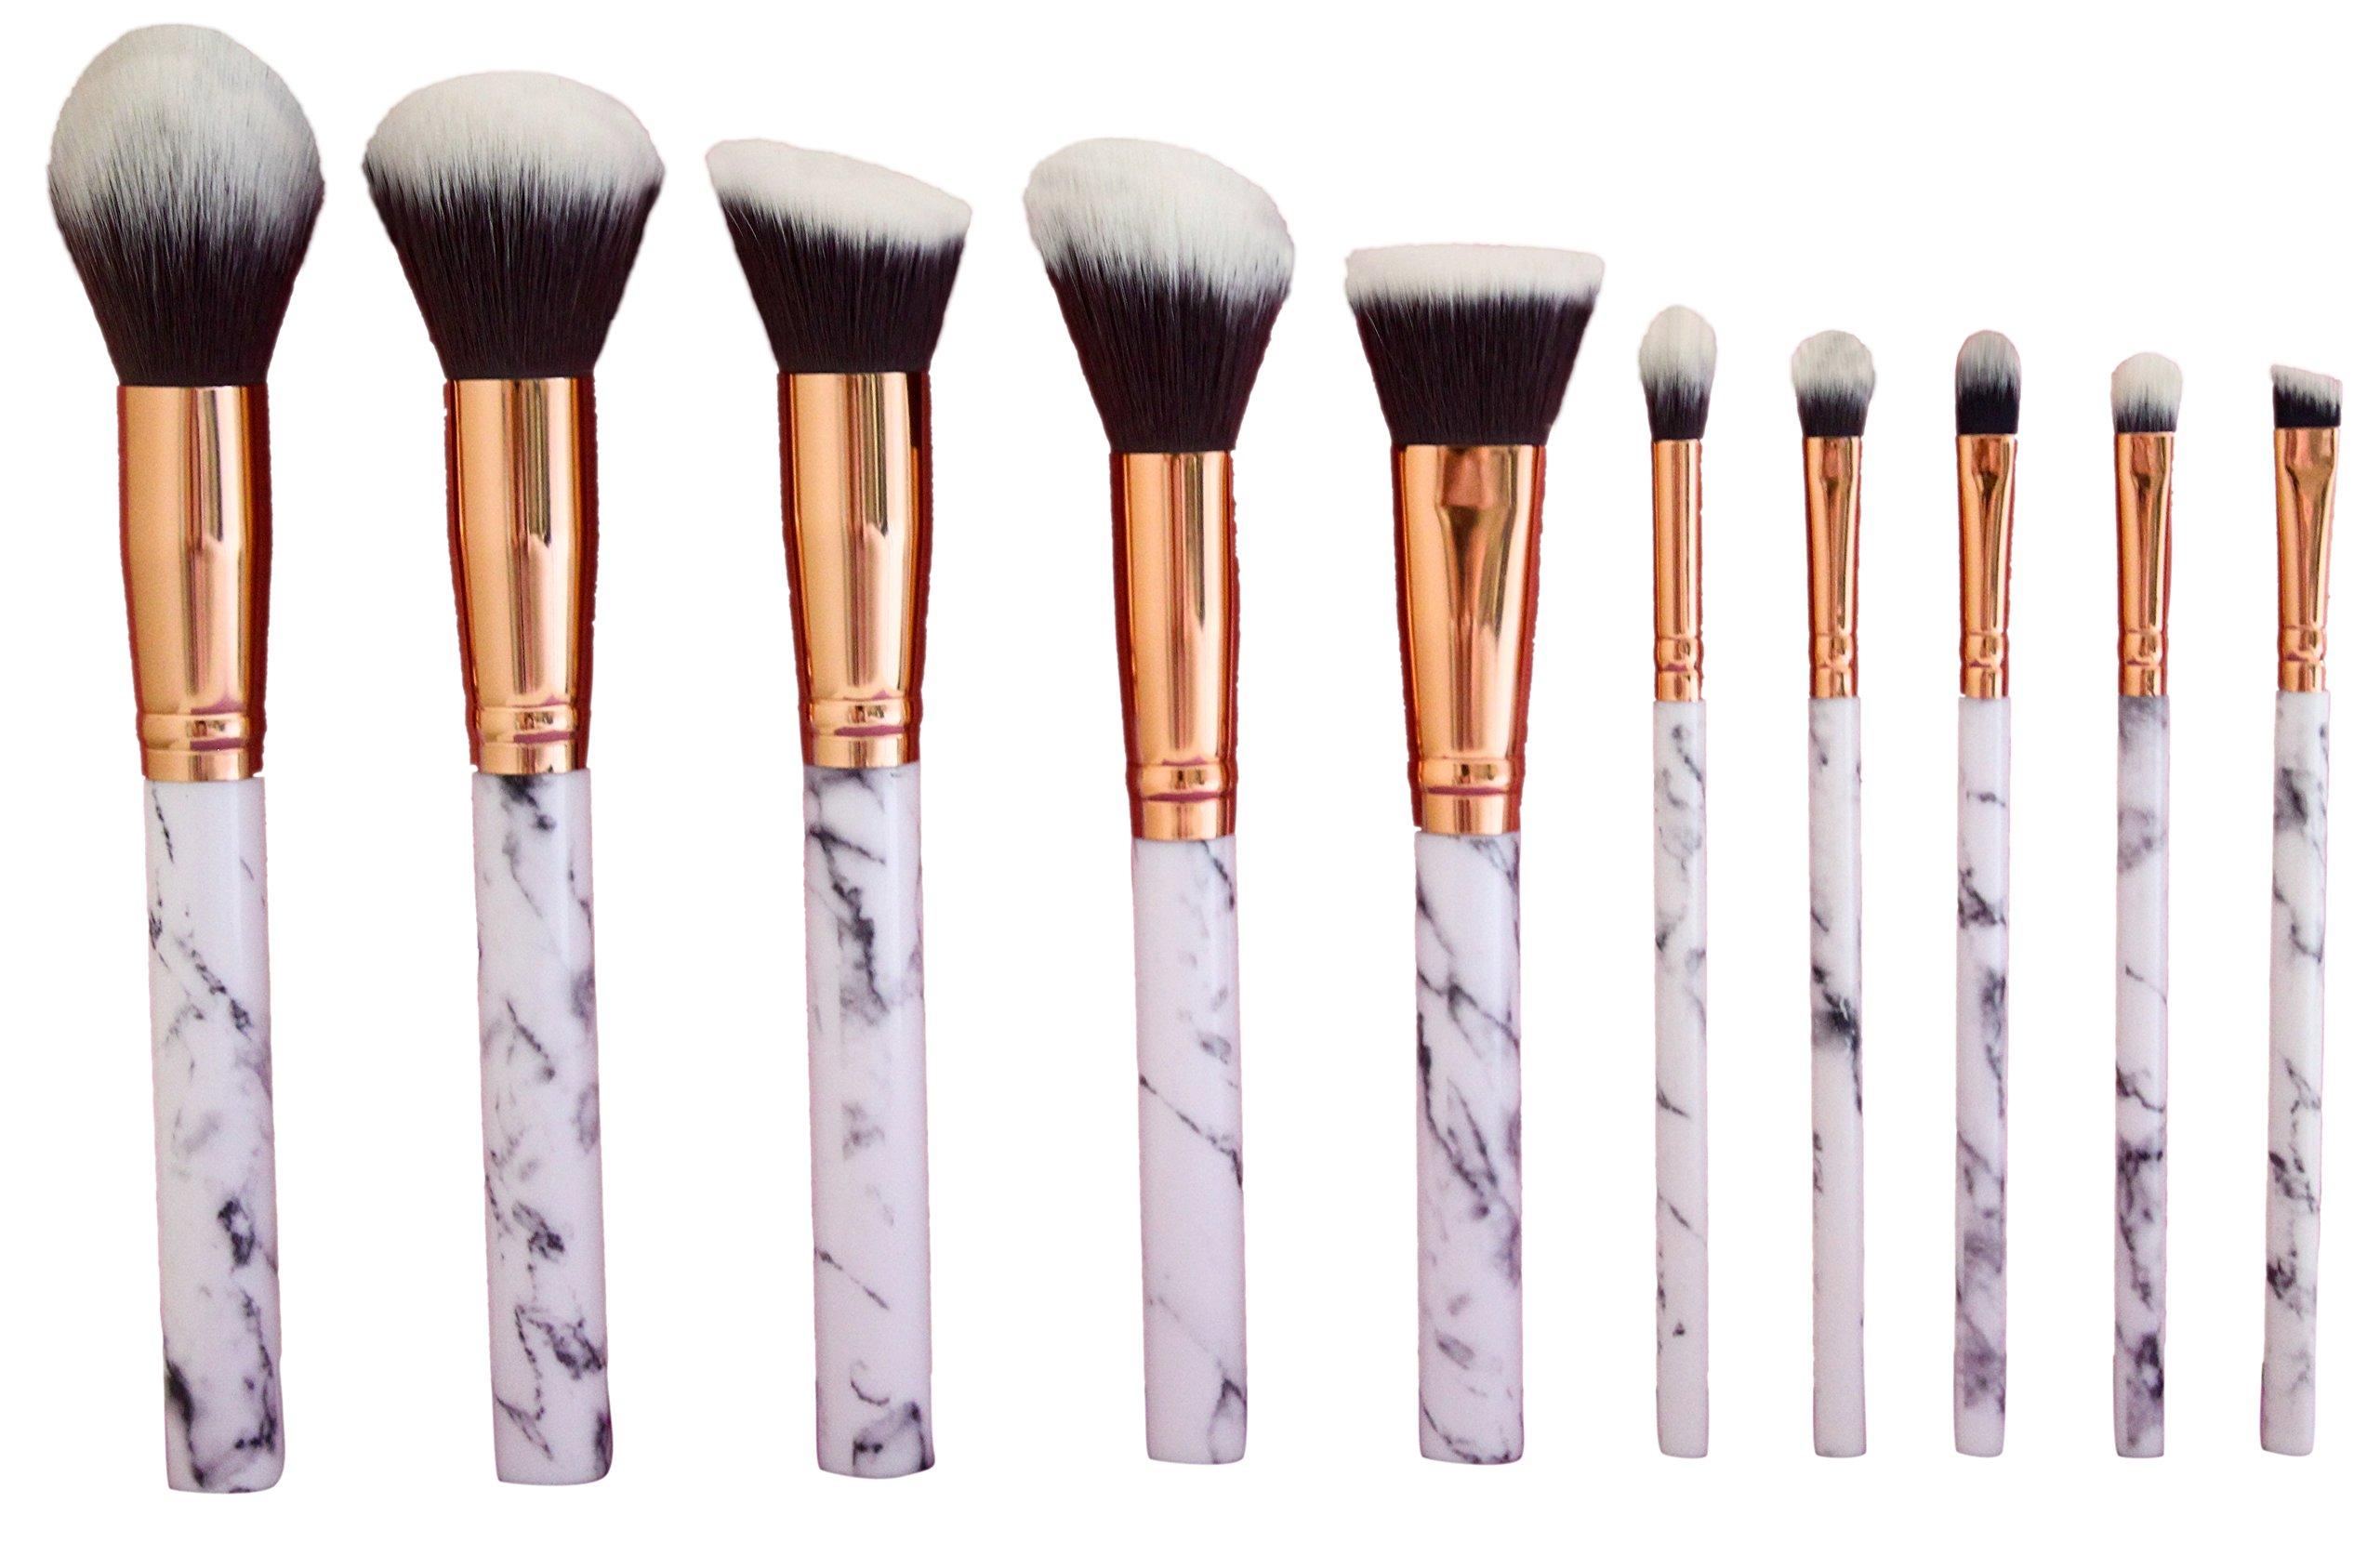 Best Travel Makeup Brush Kit